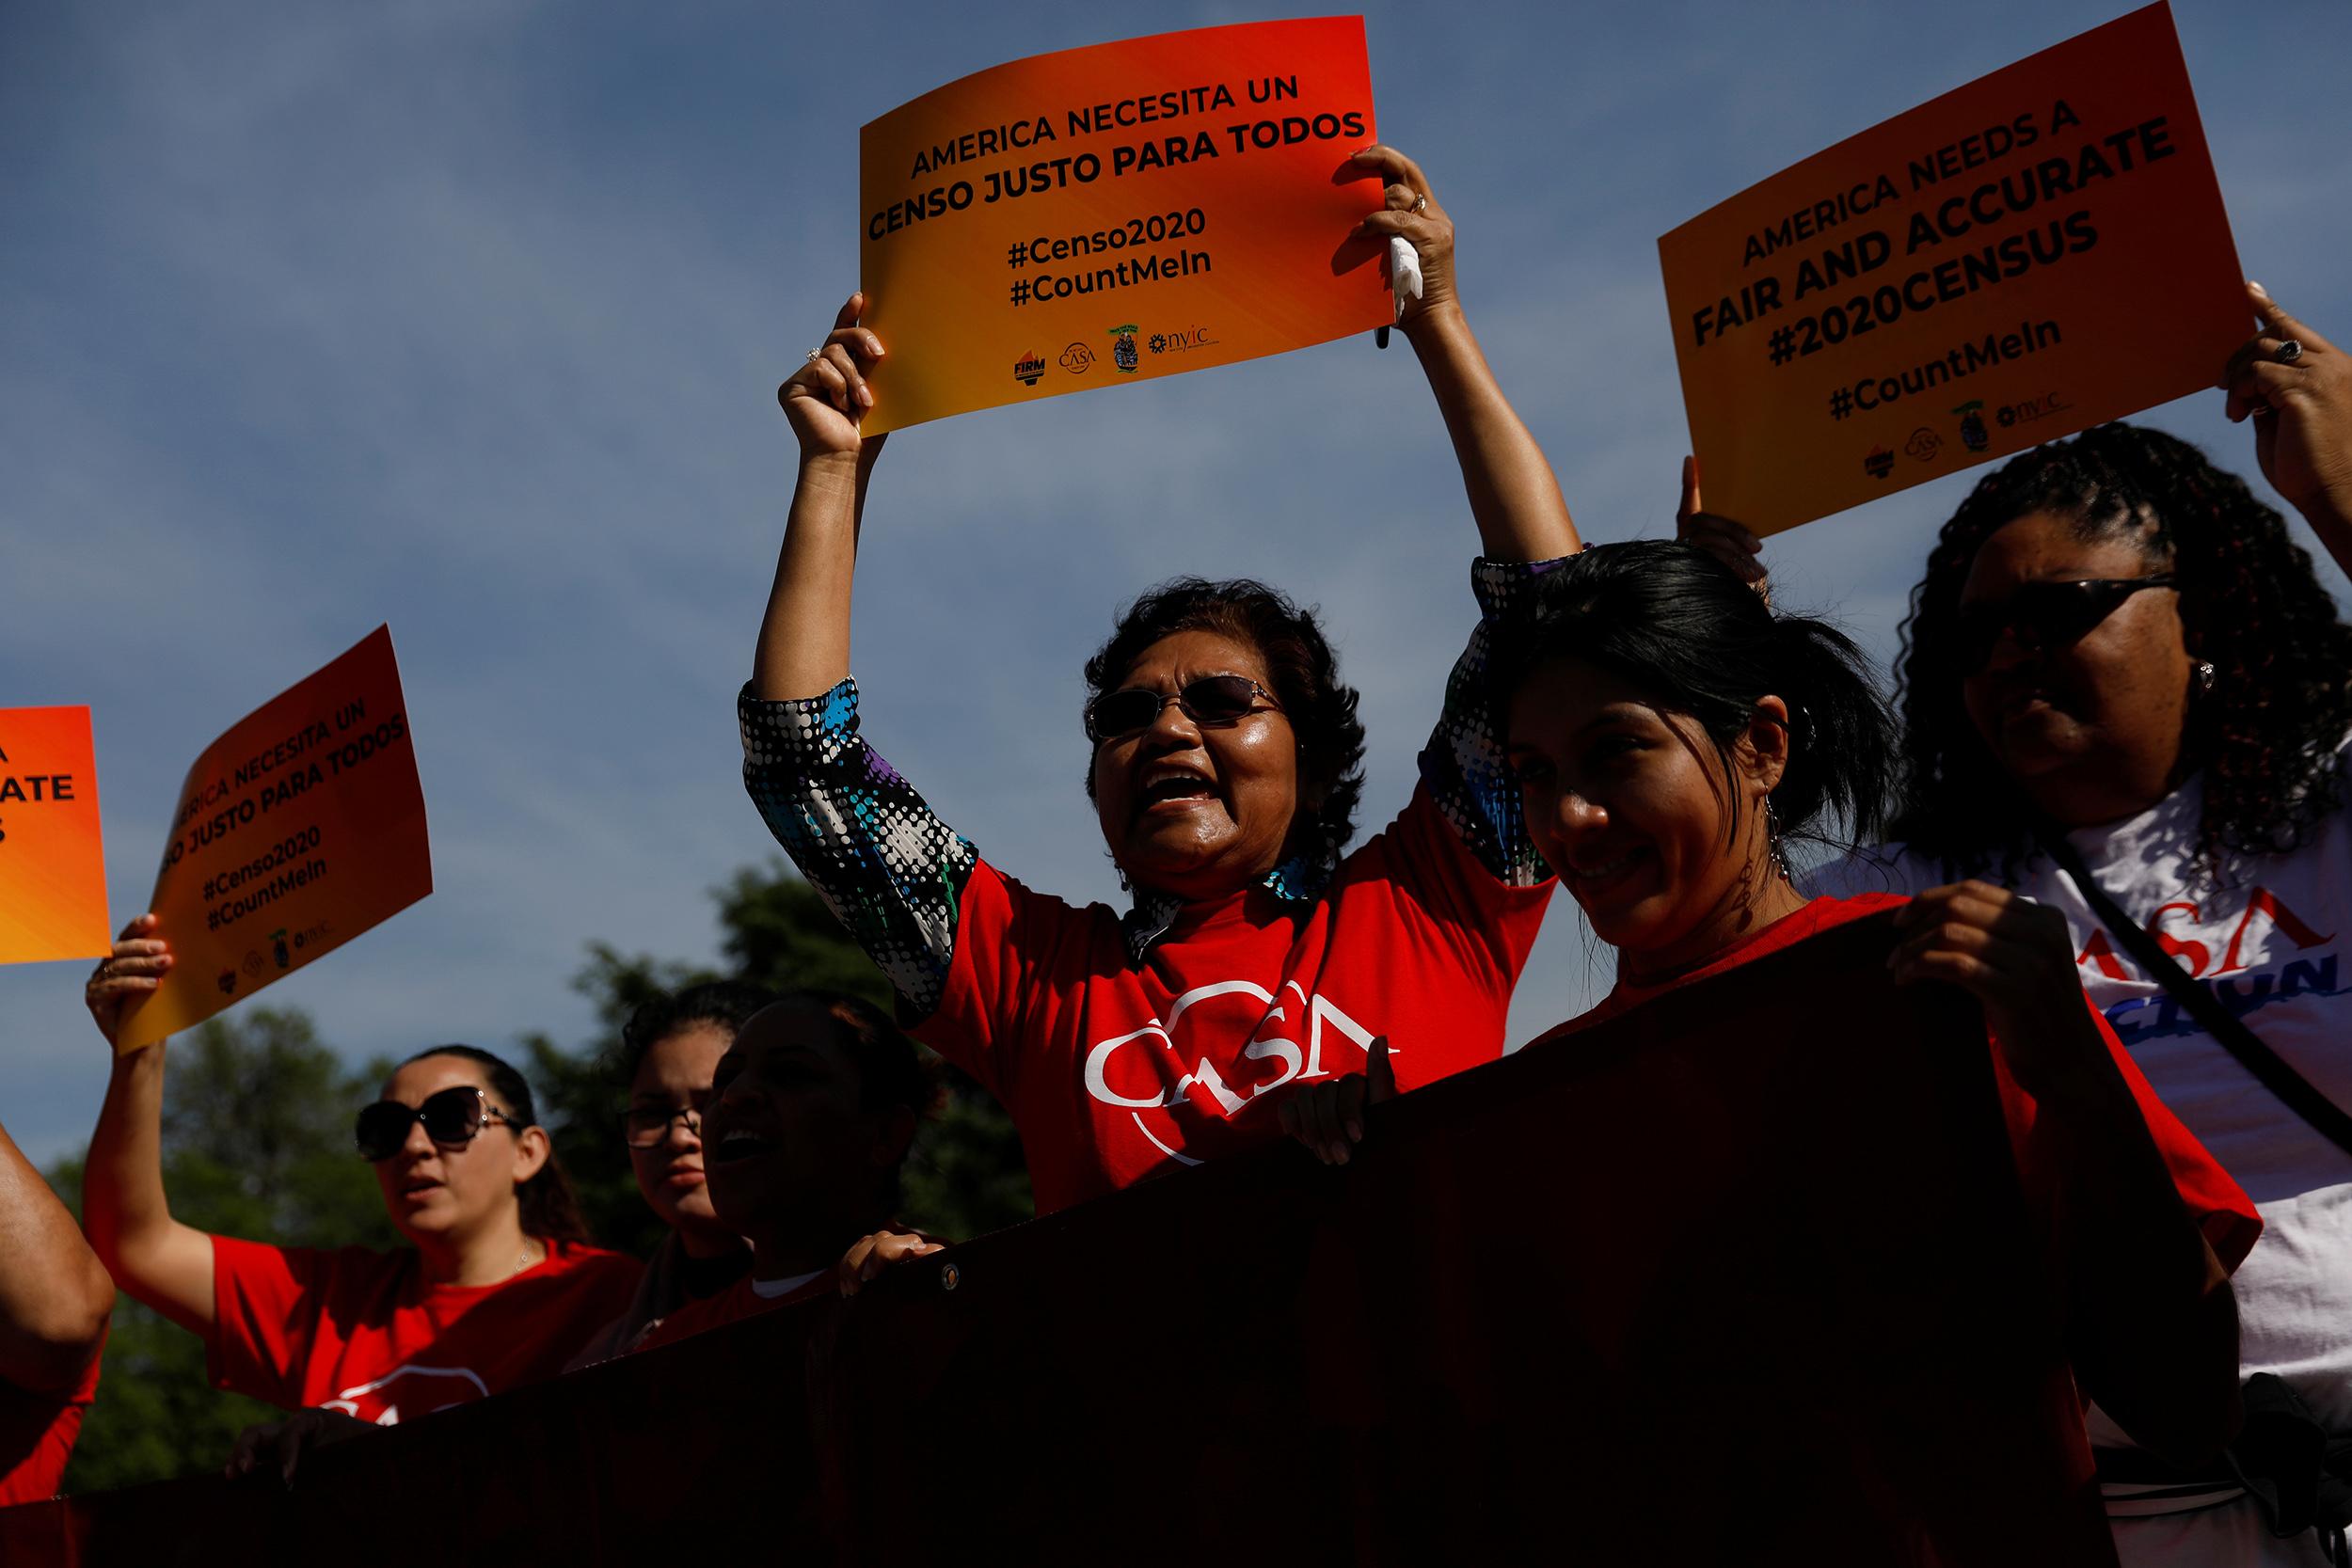 201214-census-protest-supreme-court-se-1